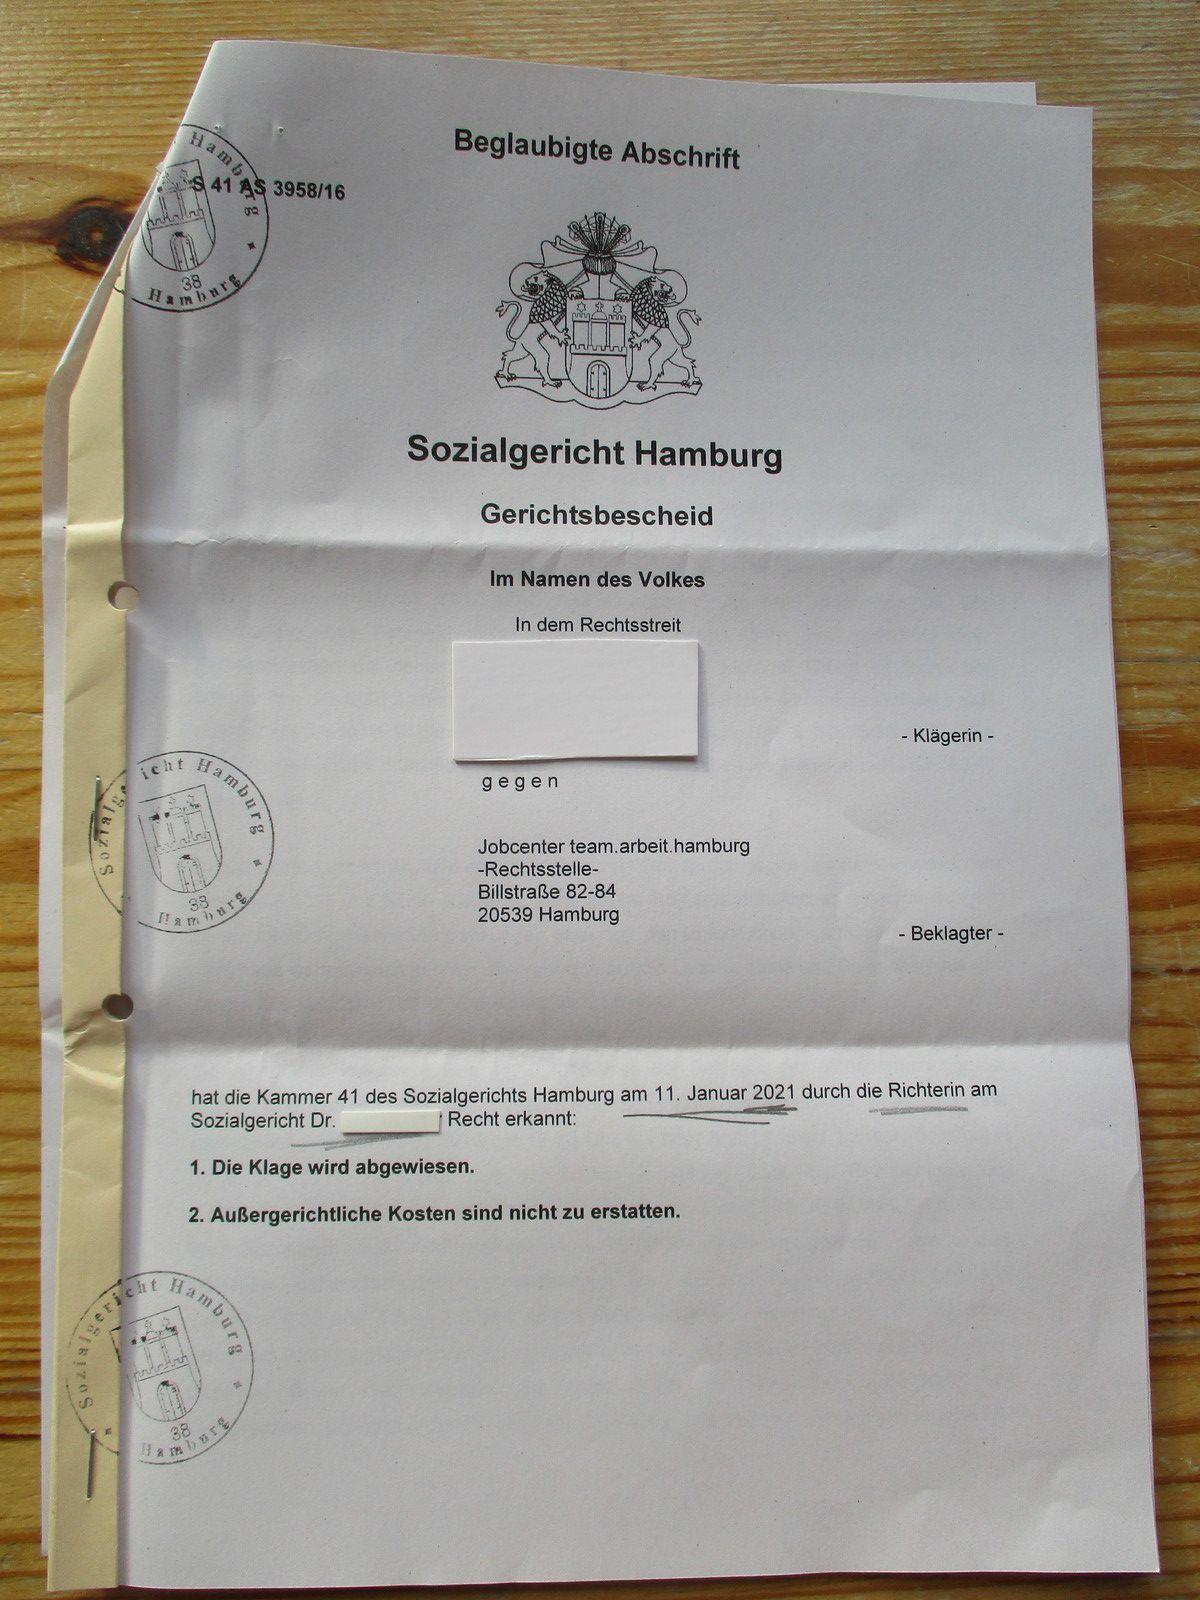 Gerichtsbescheid des SG Hamburg aus Januar 2021 zu meiner Klage aus 2016 gegen damalige Sanktionierung. Die Klage wurde abgewiesen. Ich hatte alleine geklagt, ohne anwaltliche Beratung und/oder Vertretung.